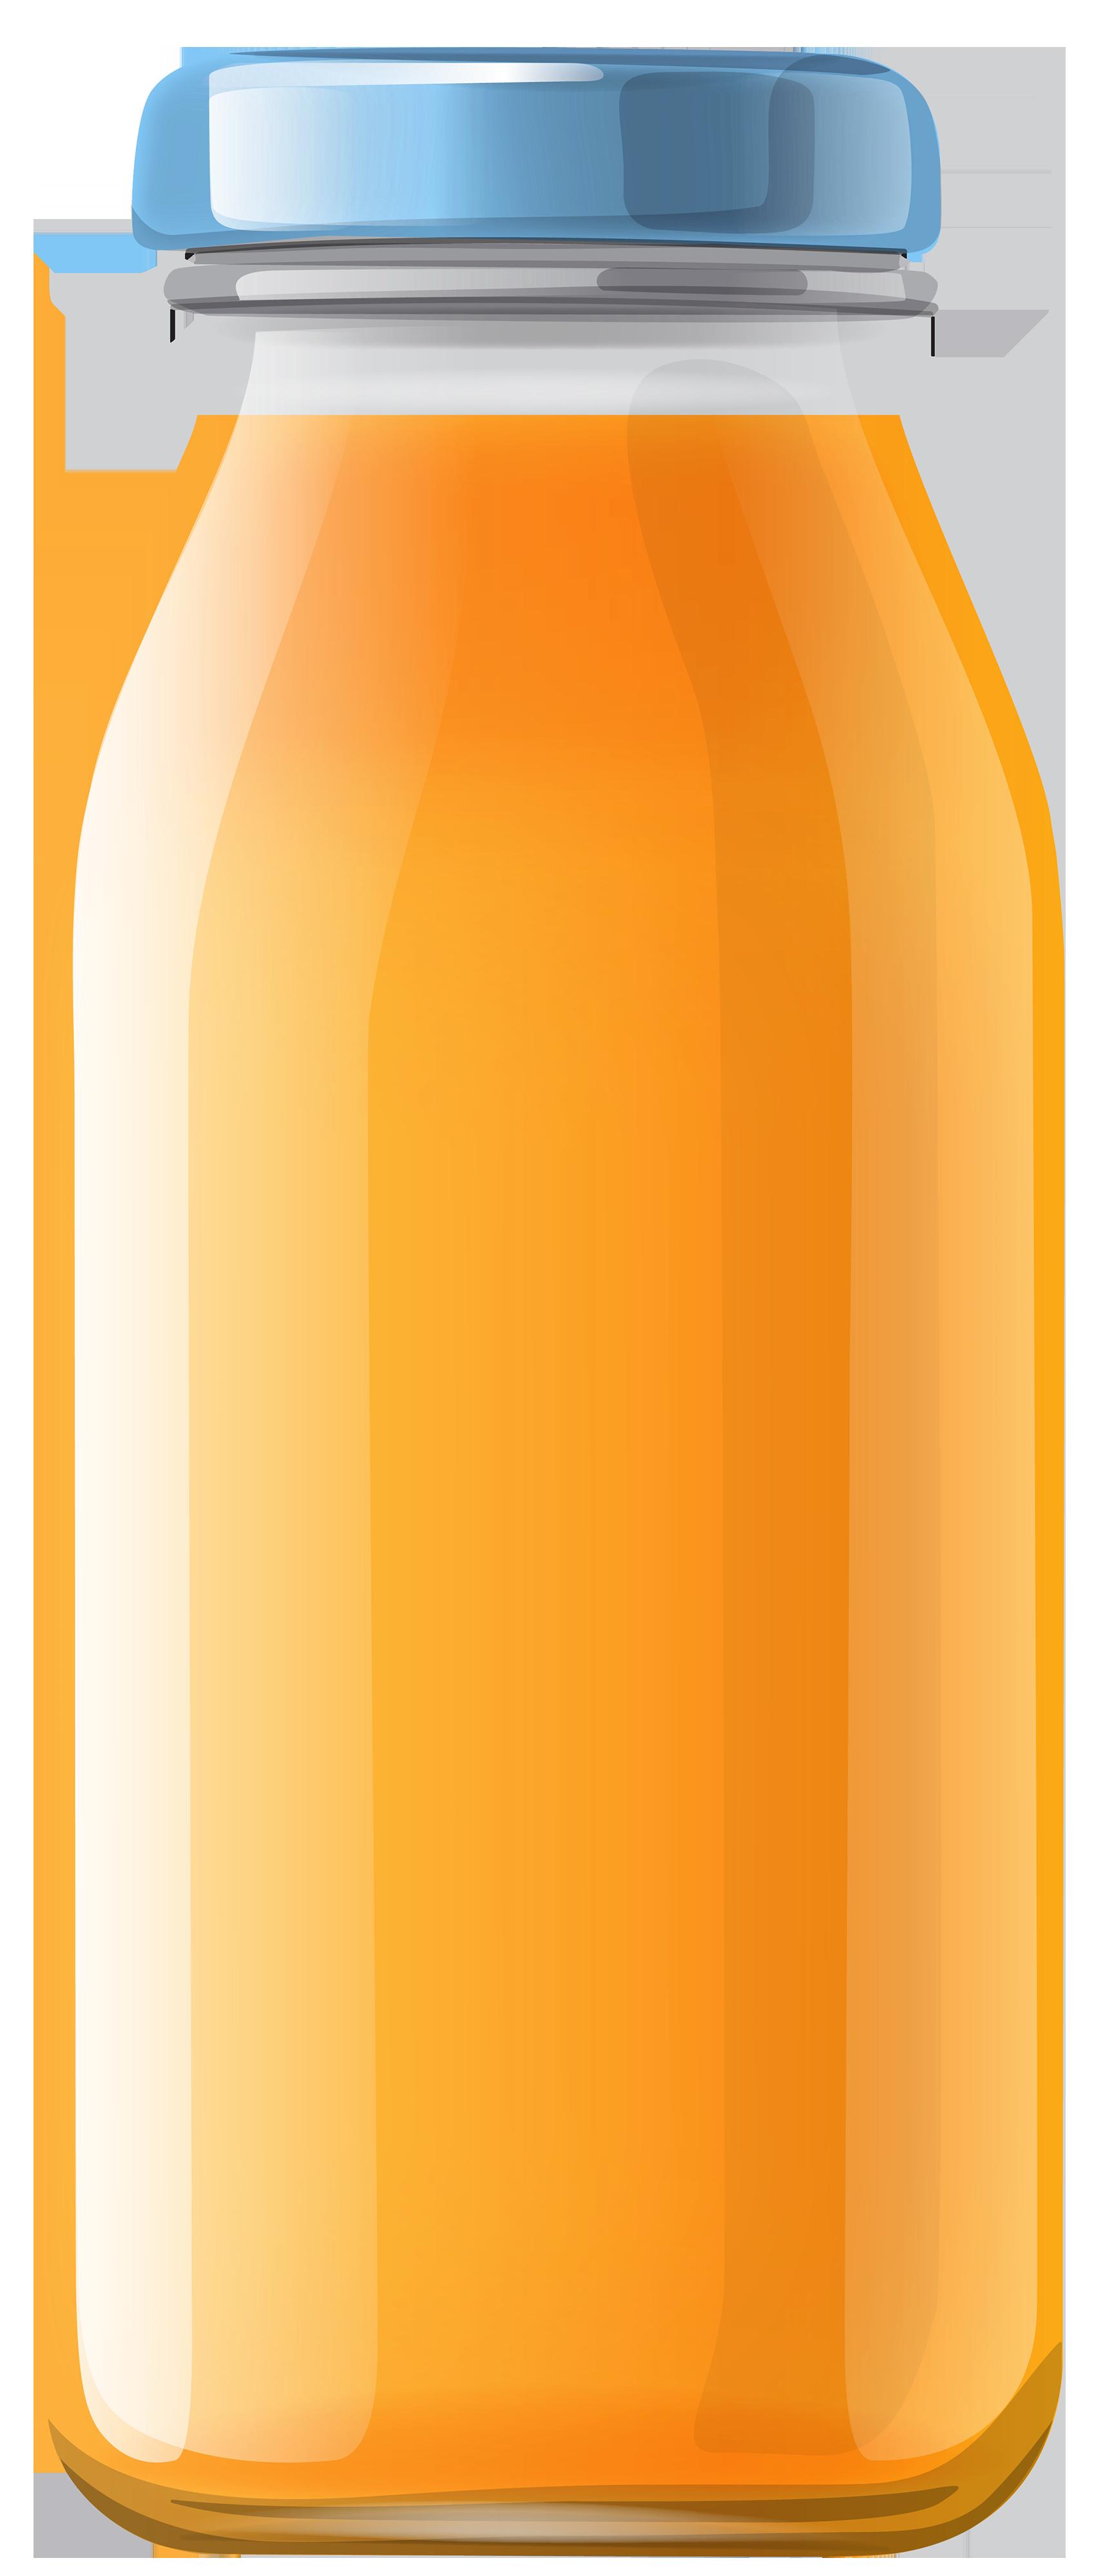 Bottle clipart plain. Orange juice png best